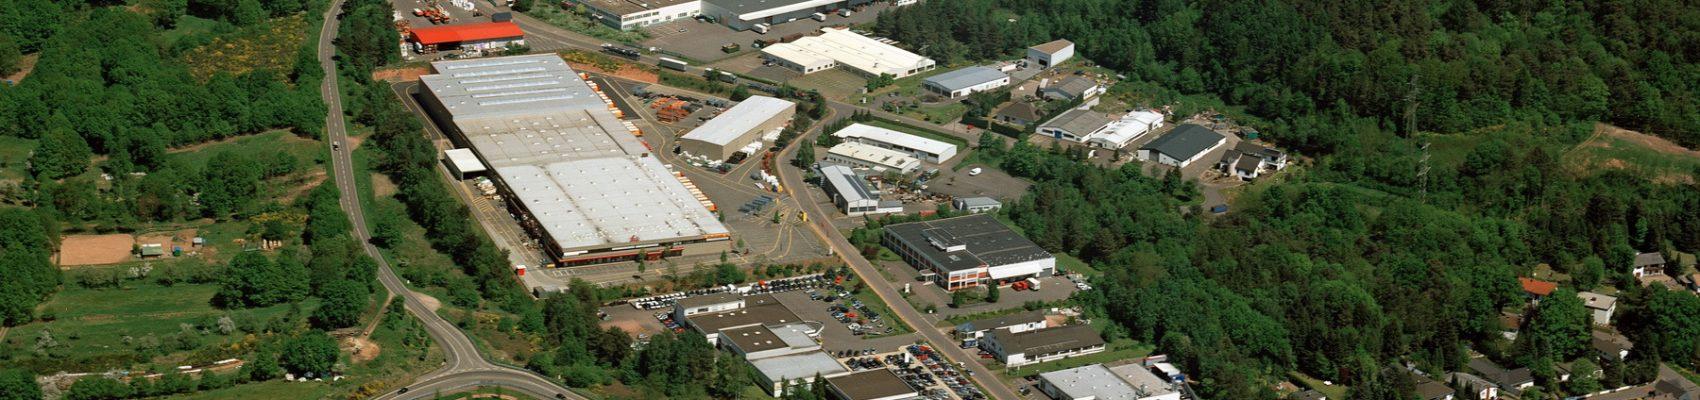 Luftaufnahme vom Gewerbegebiet Siebend